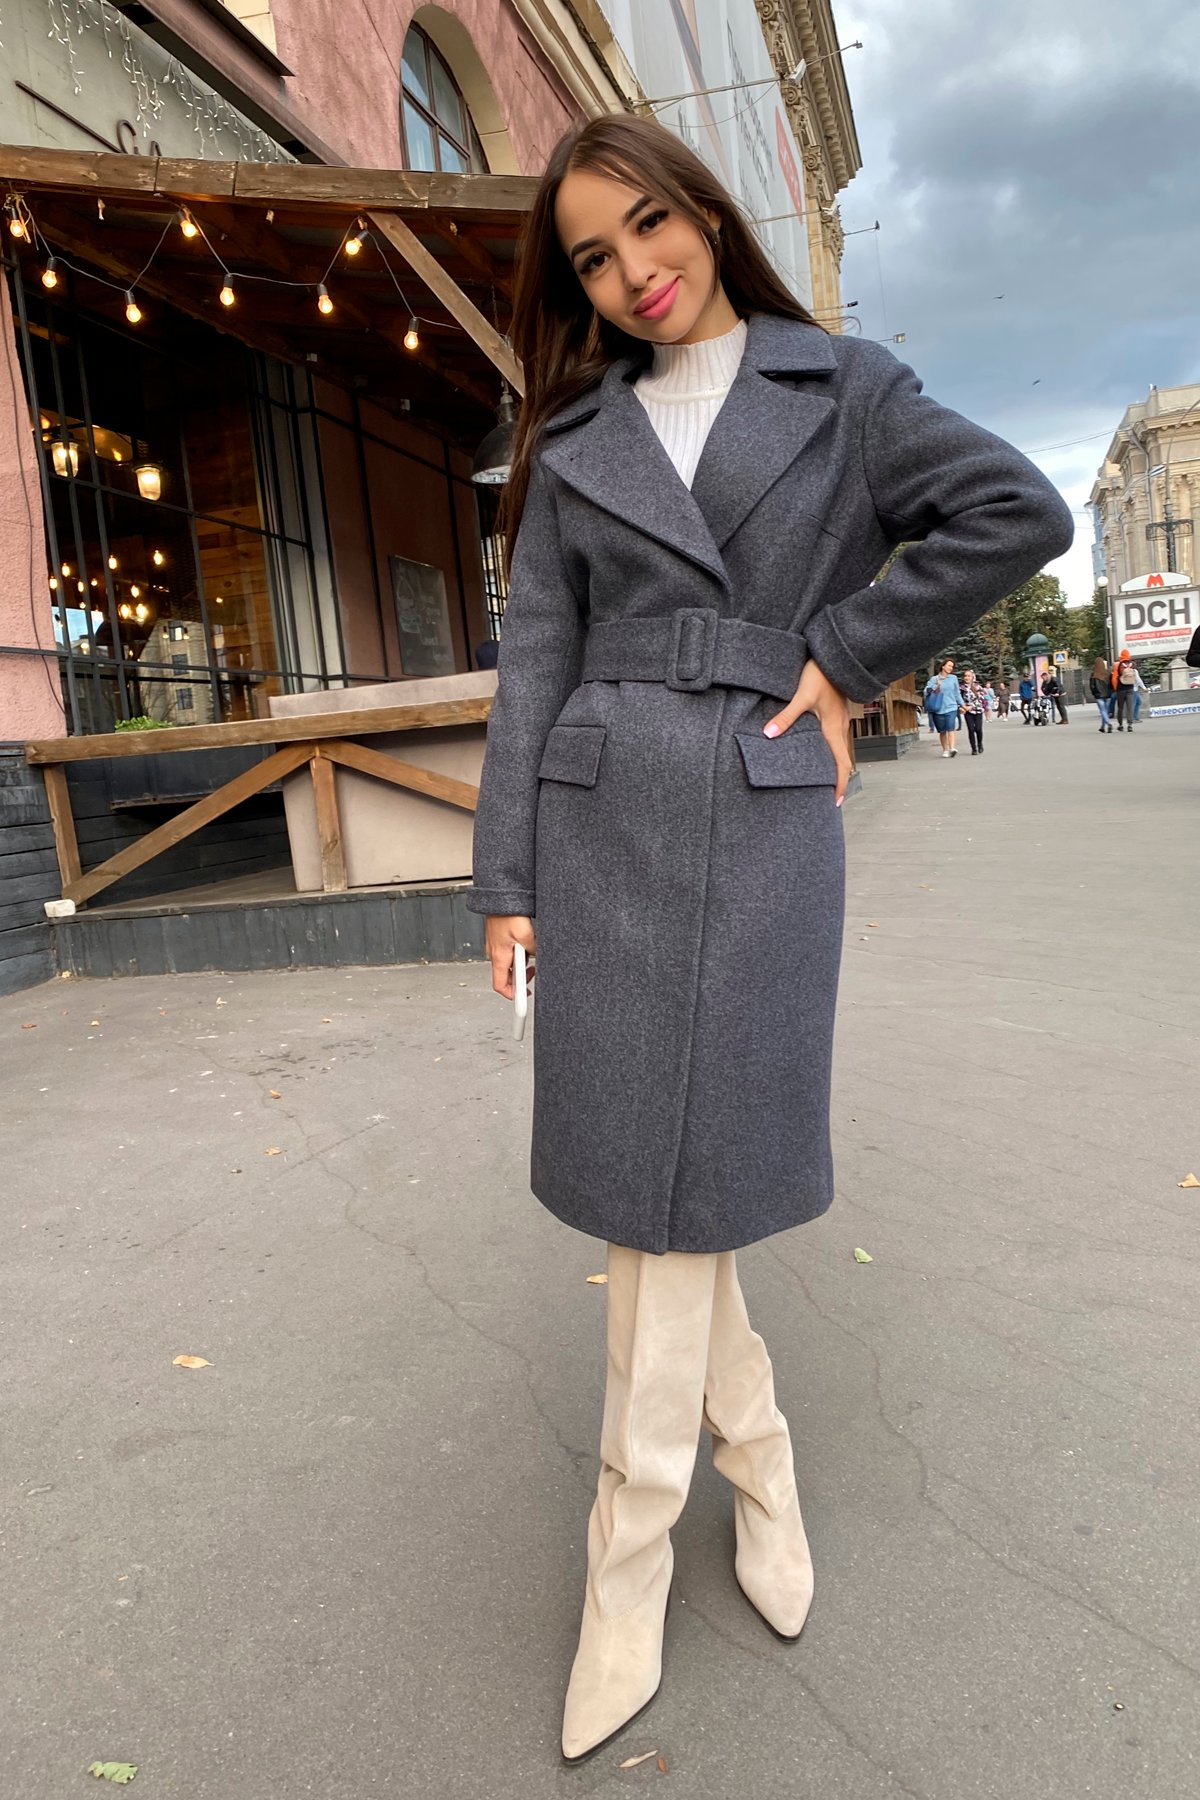 Зимнее пальто с отложным воротником Моле 8085 АРТ. 44036 Цвет: Т.синий 543 - фото 2, интернет магазин tm-modus.ru